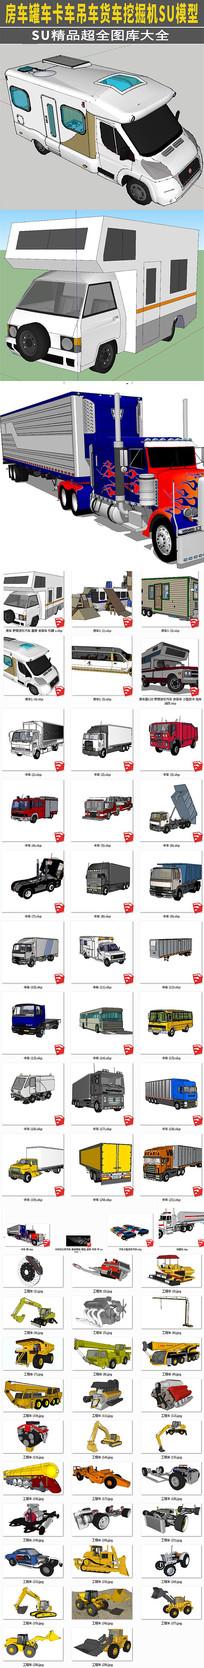 65款交通工具房车罐车卡车吊车货车挖掘机